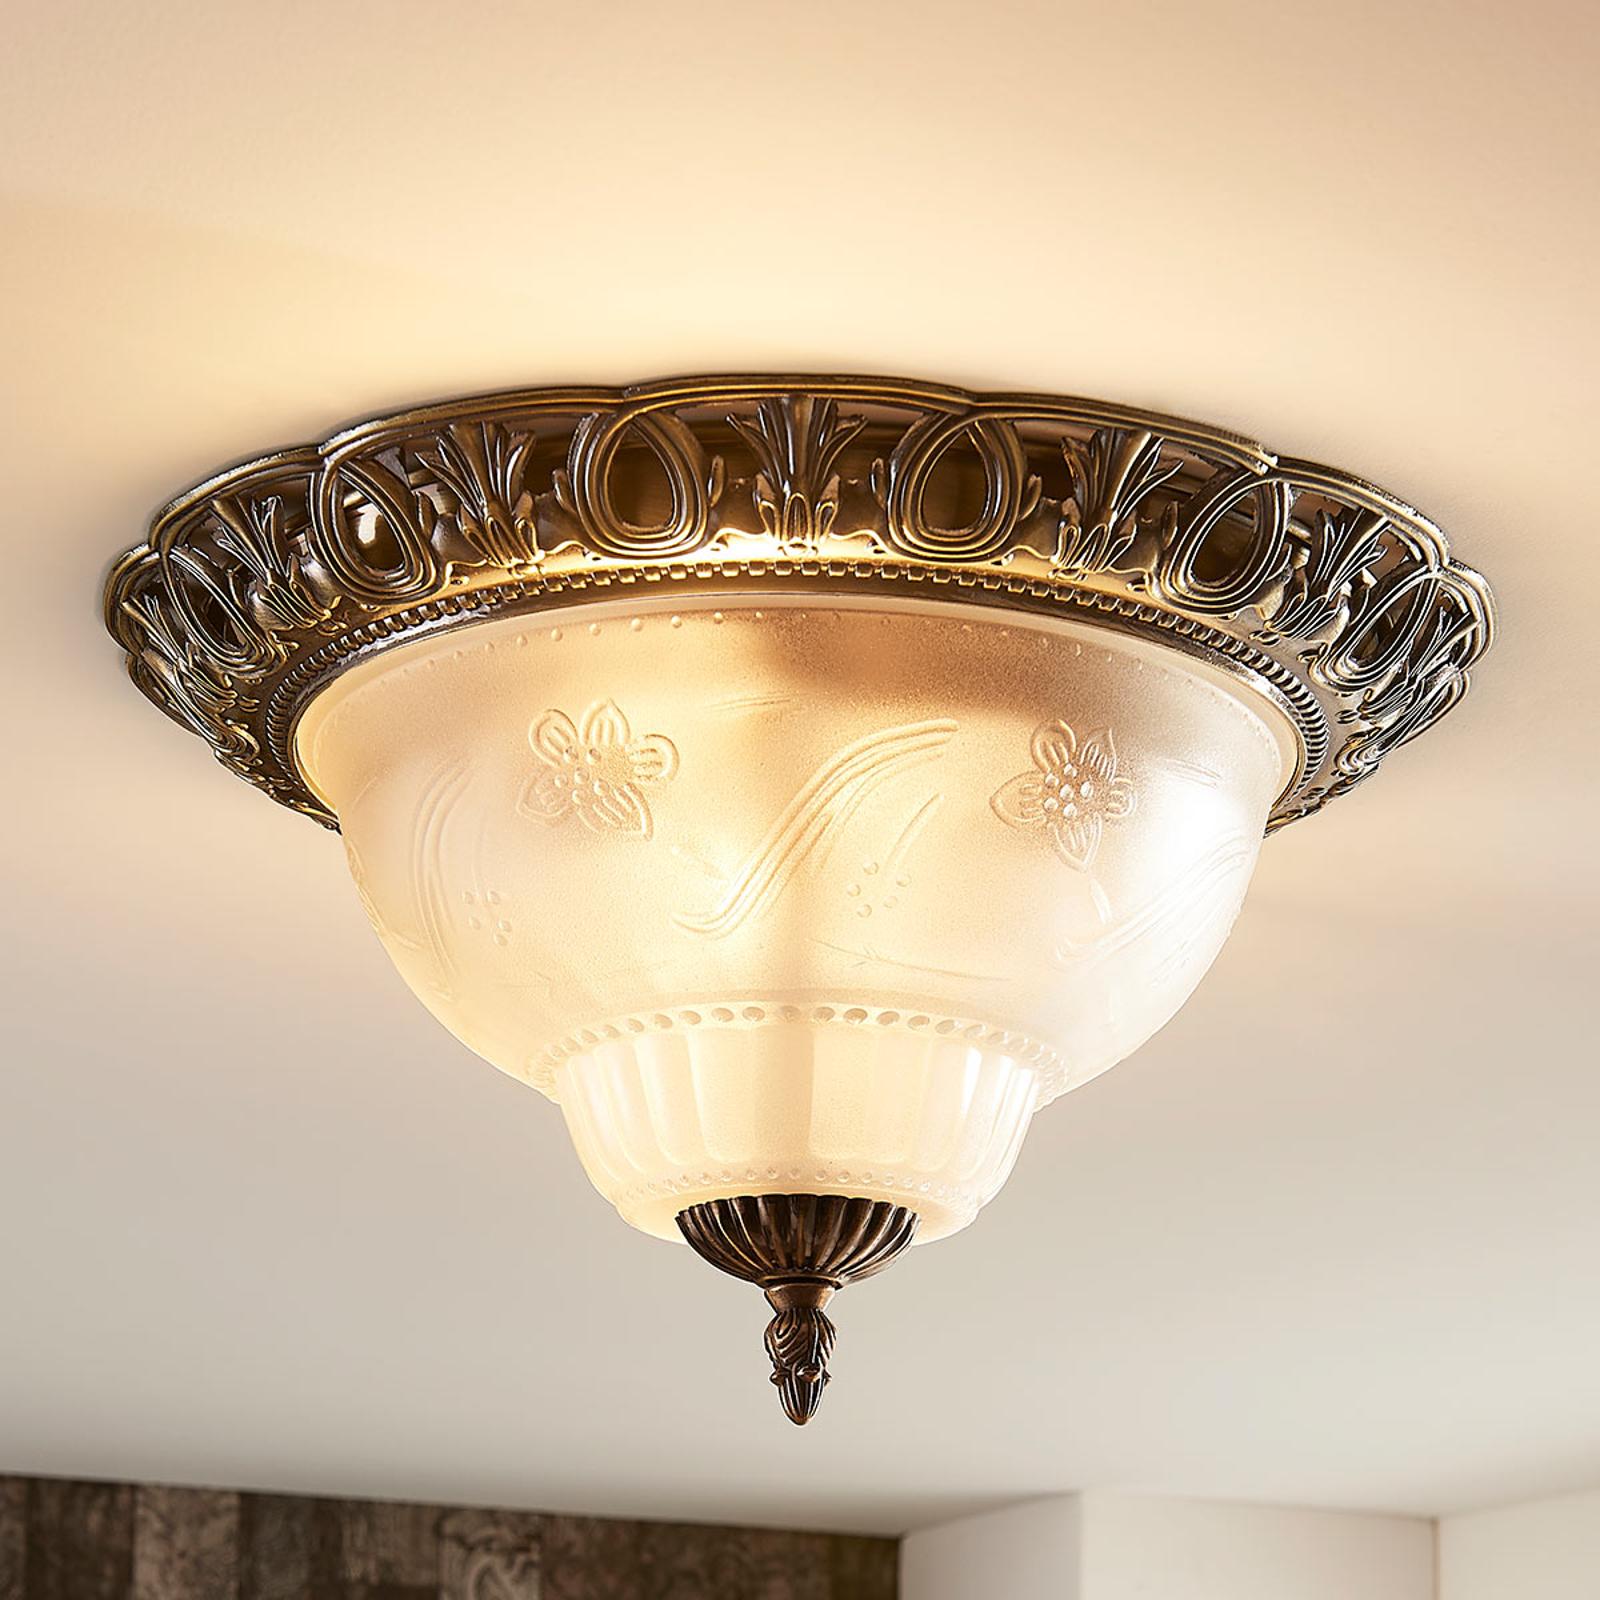 Lampa sufitowa Anni, szklany wytrawiany klosz